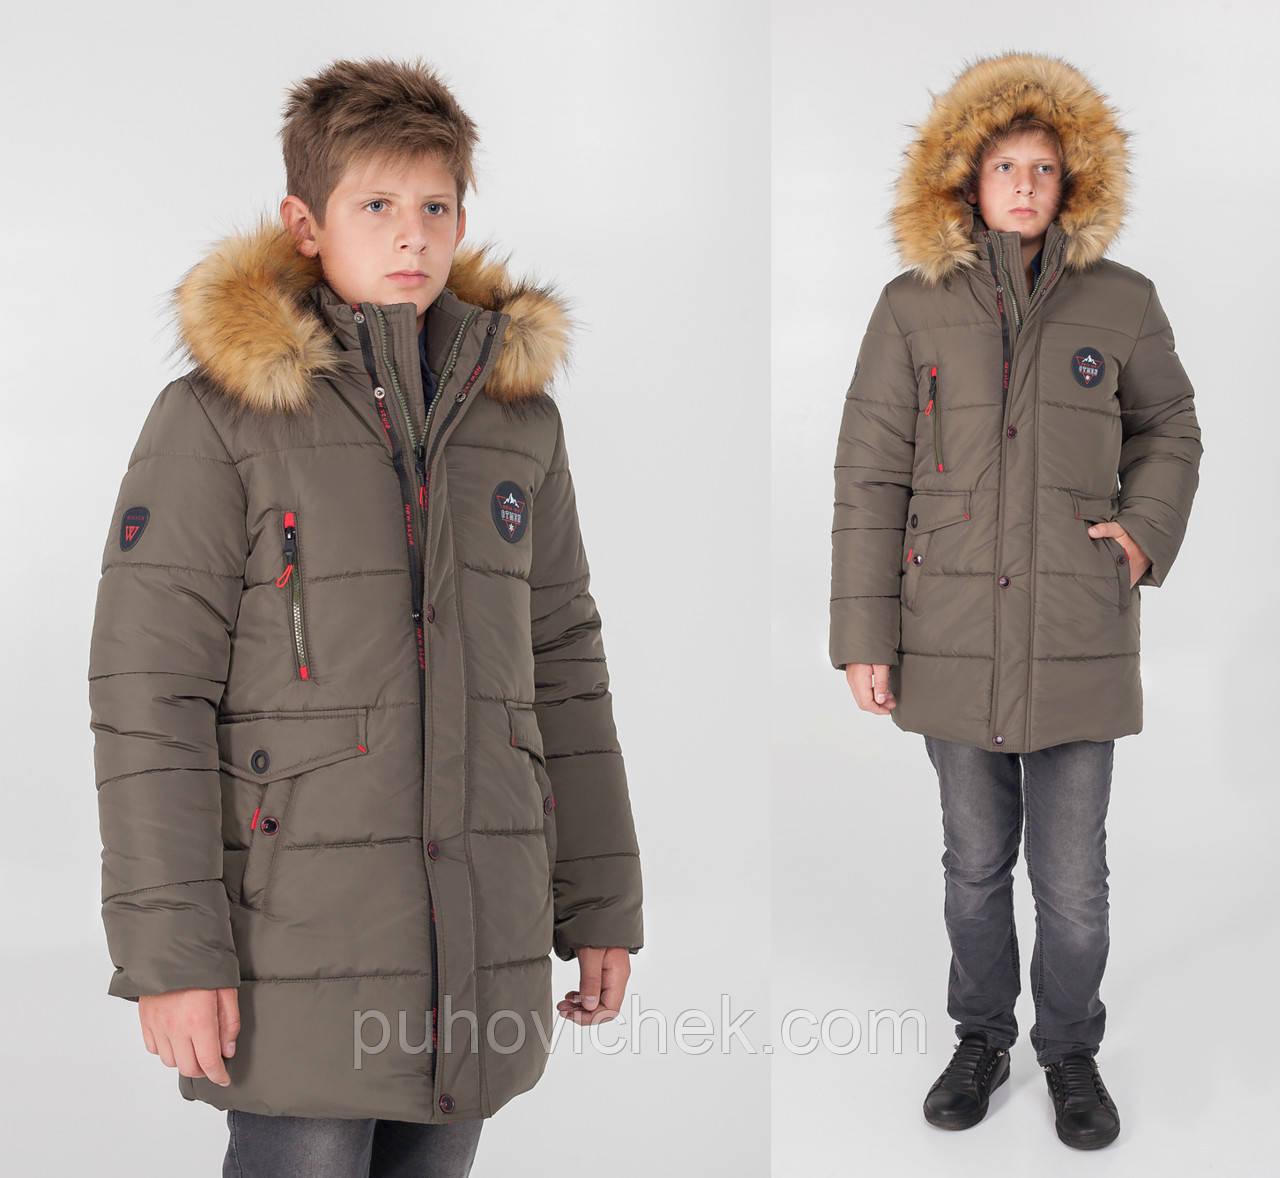 Теплый пуховик для мальчика зимний с мехом интернет магазин